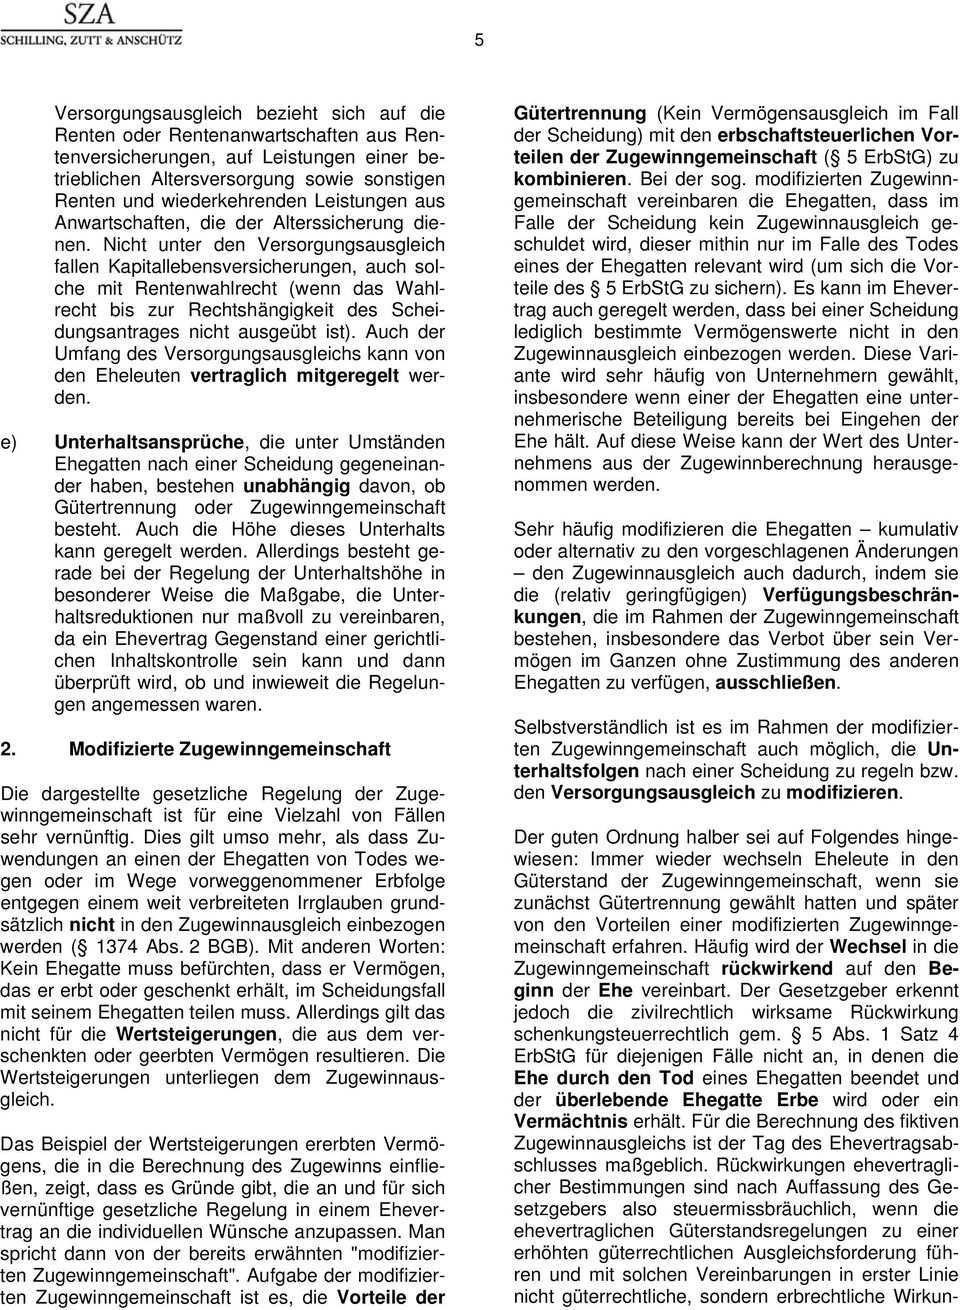 Ehevertrag Und Modifizierte Zugewinngemeinschaft Pdf Kostenfreier Download